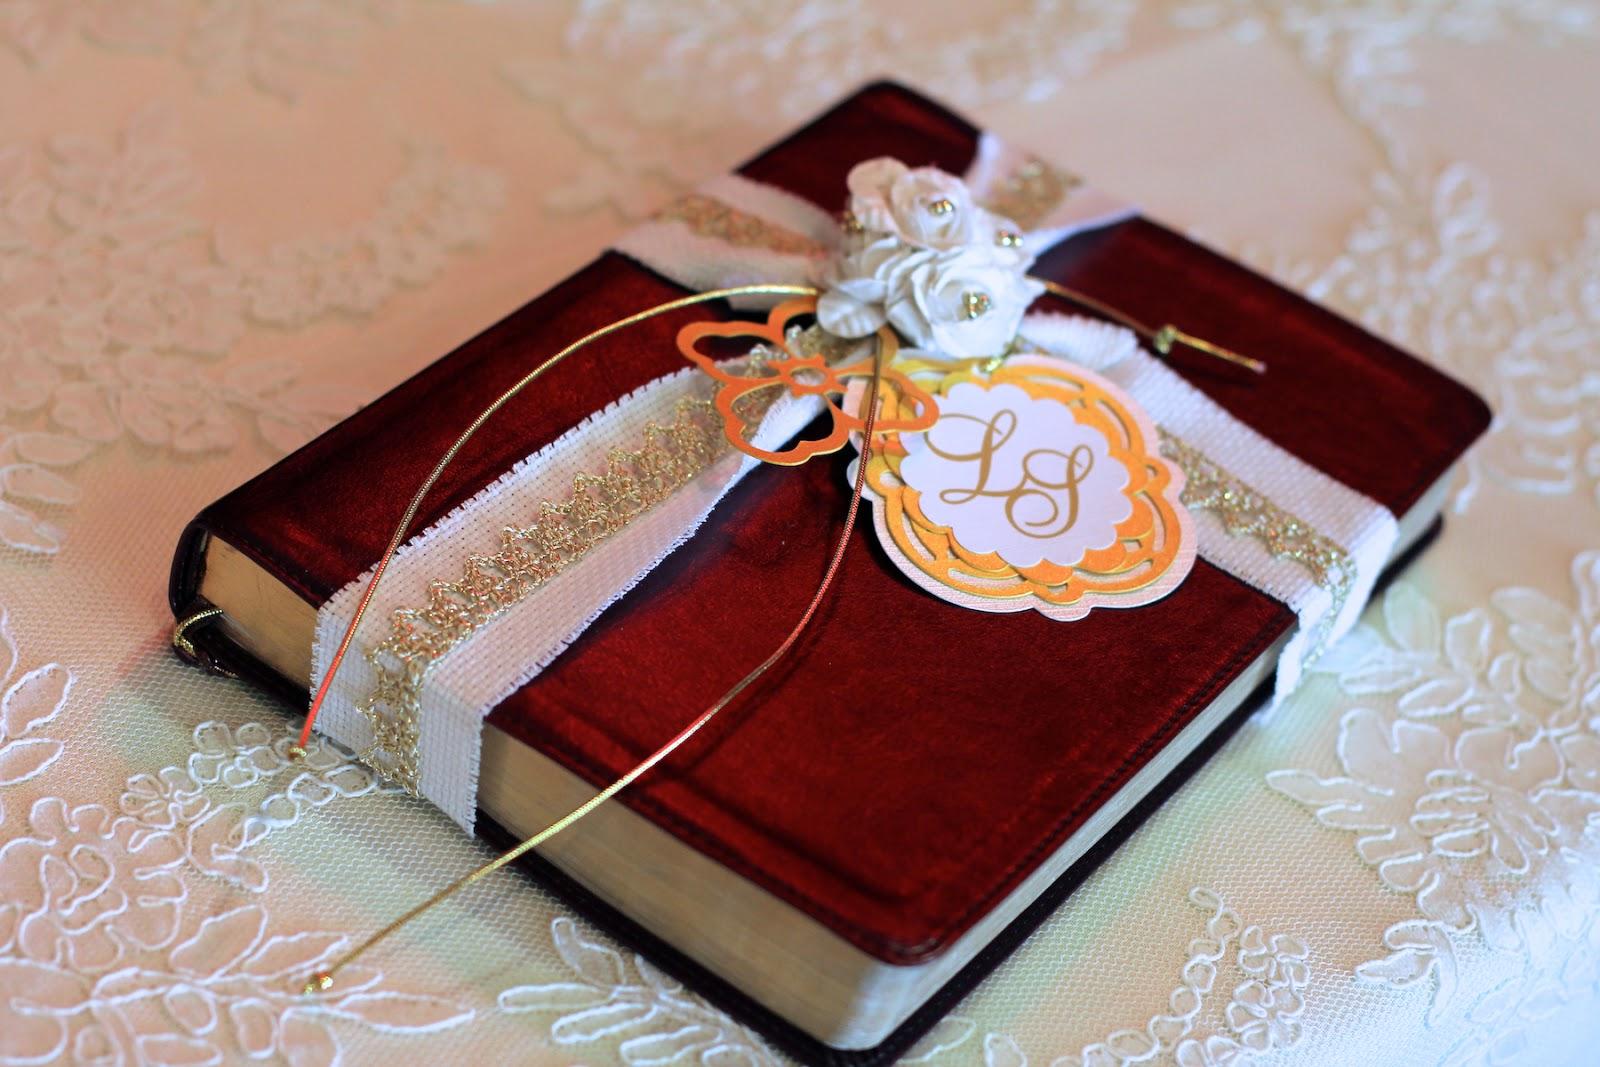 Biblia Y Matrimonio : Frente cristiano de mujeres deboras matrimonio mqv y el